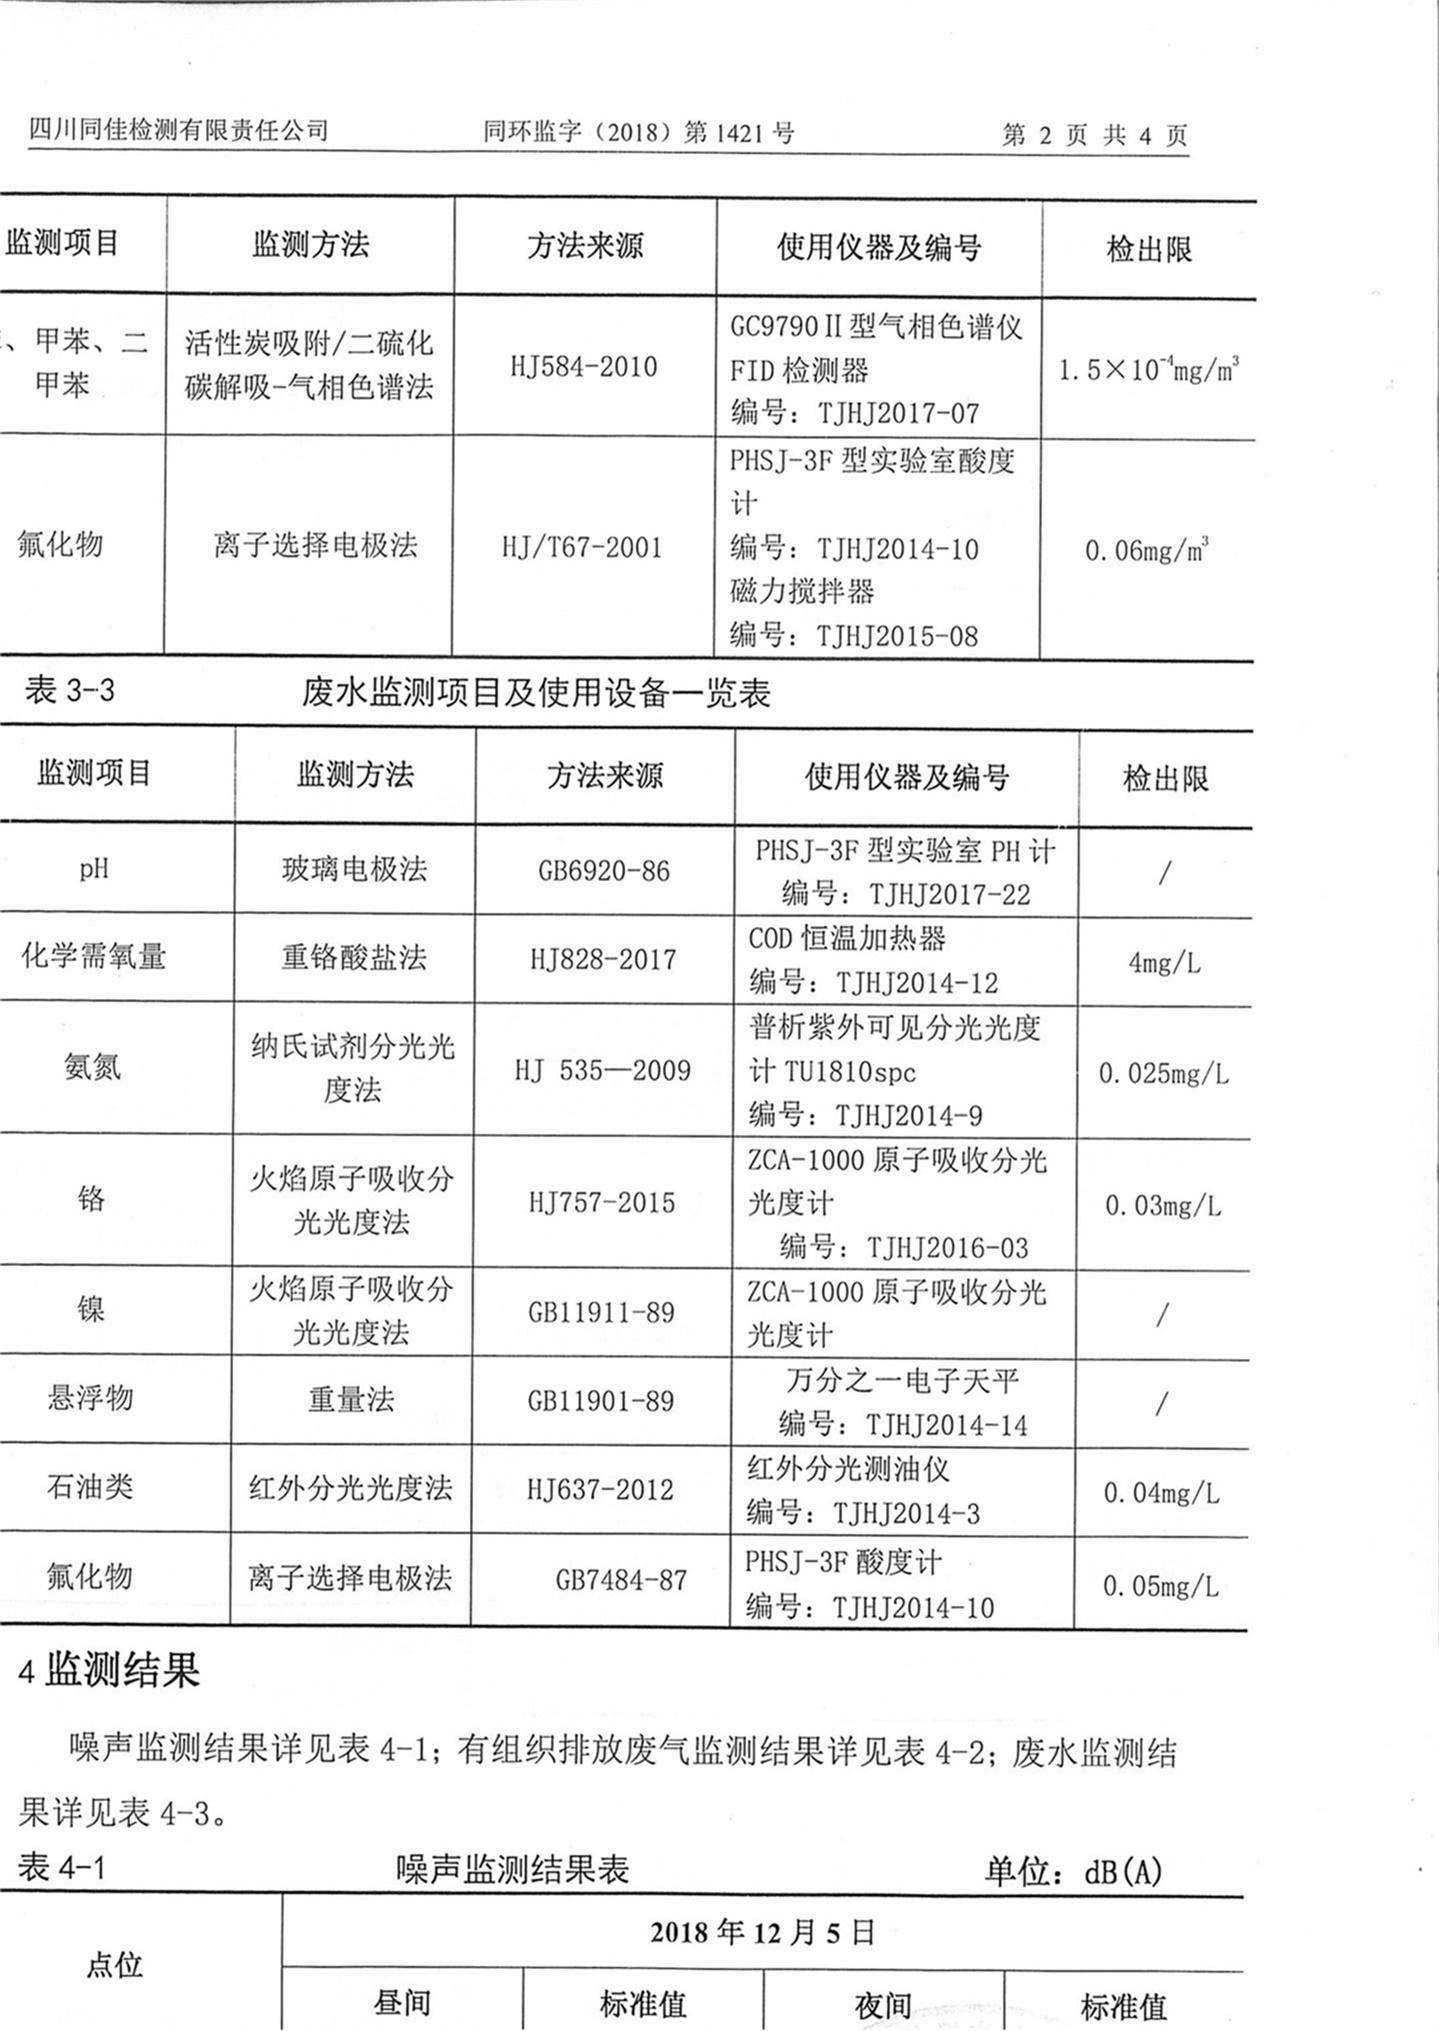 http://qiniu.cloudhong.com/image_2019-01-22_5c4617b5d8be5.jpg